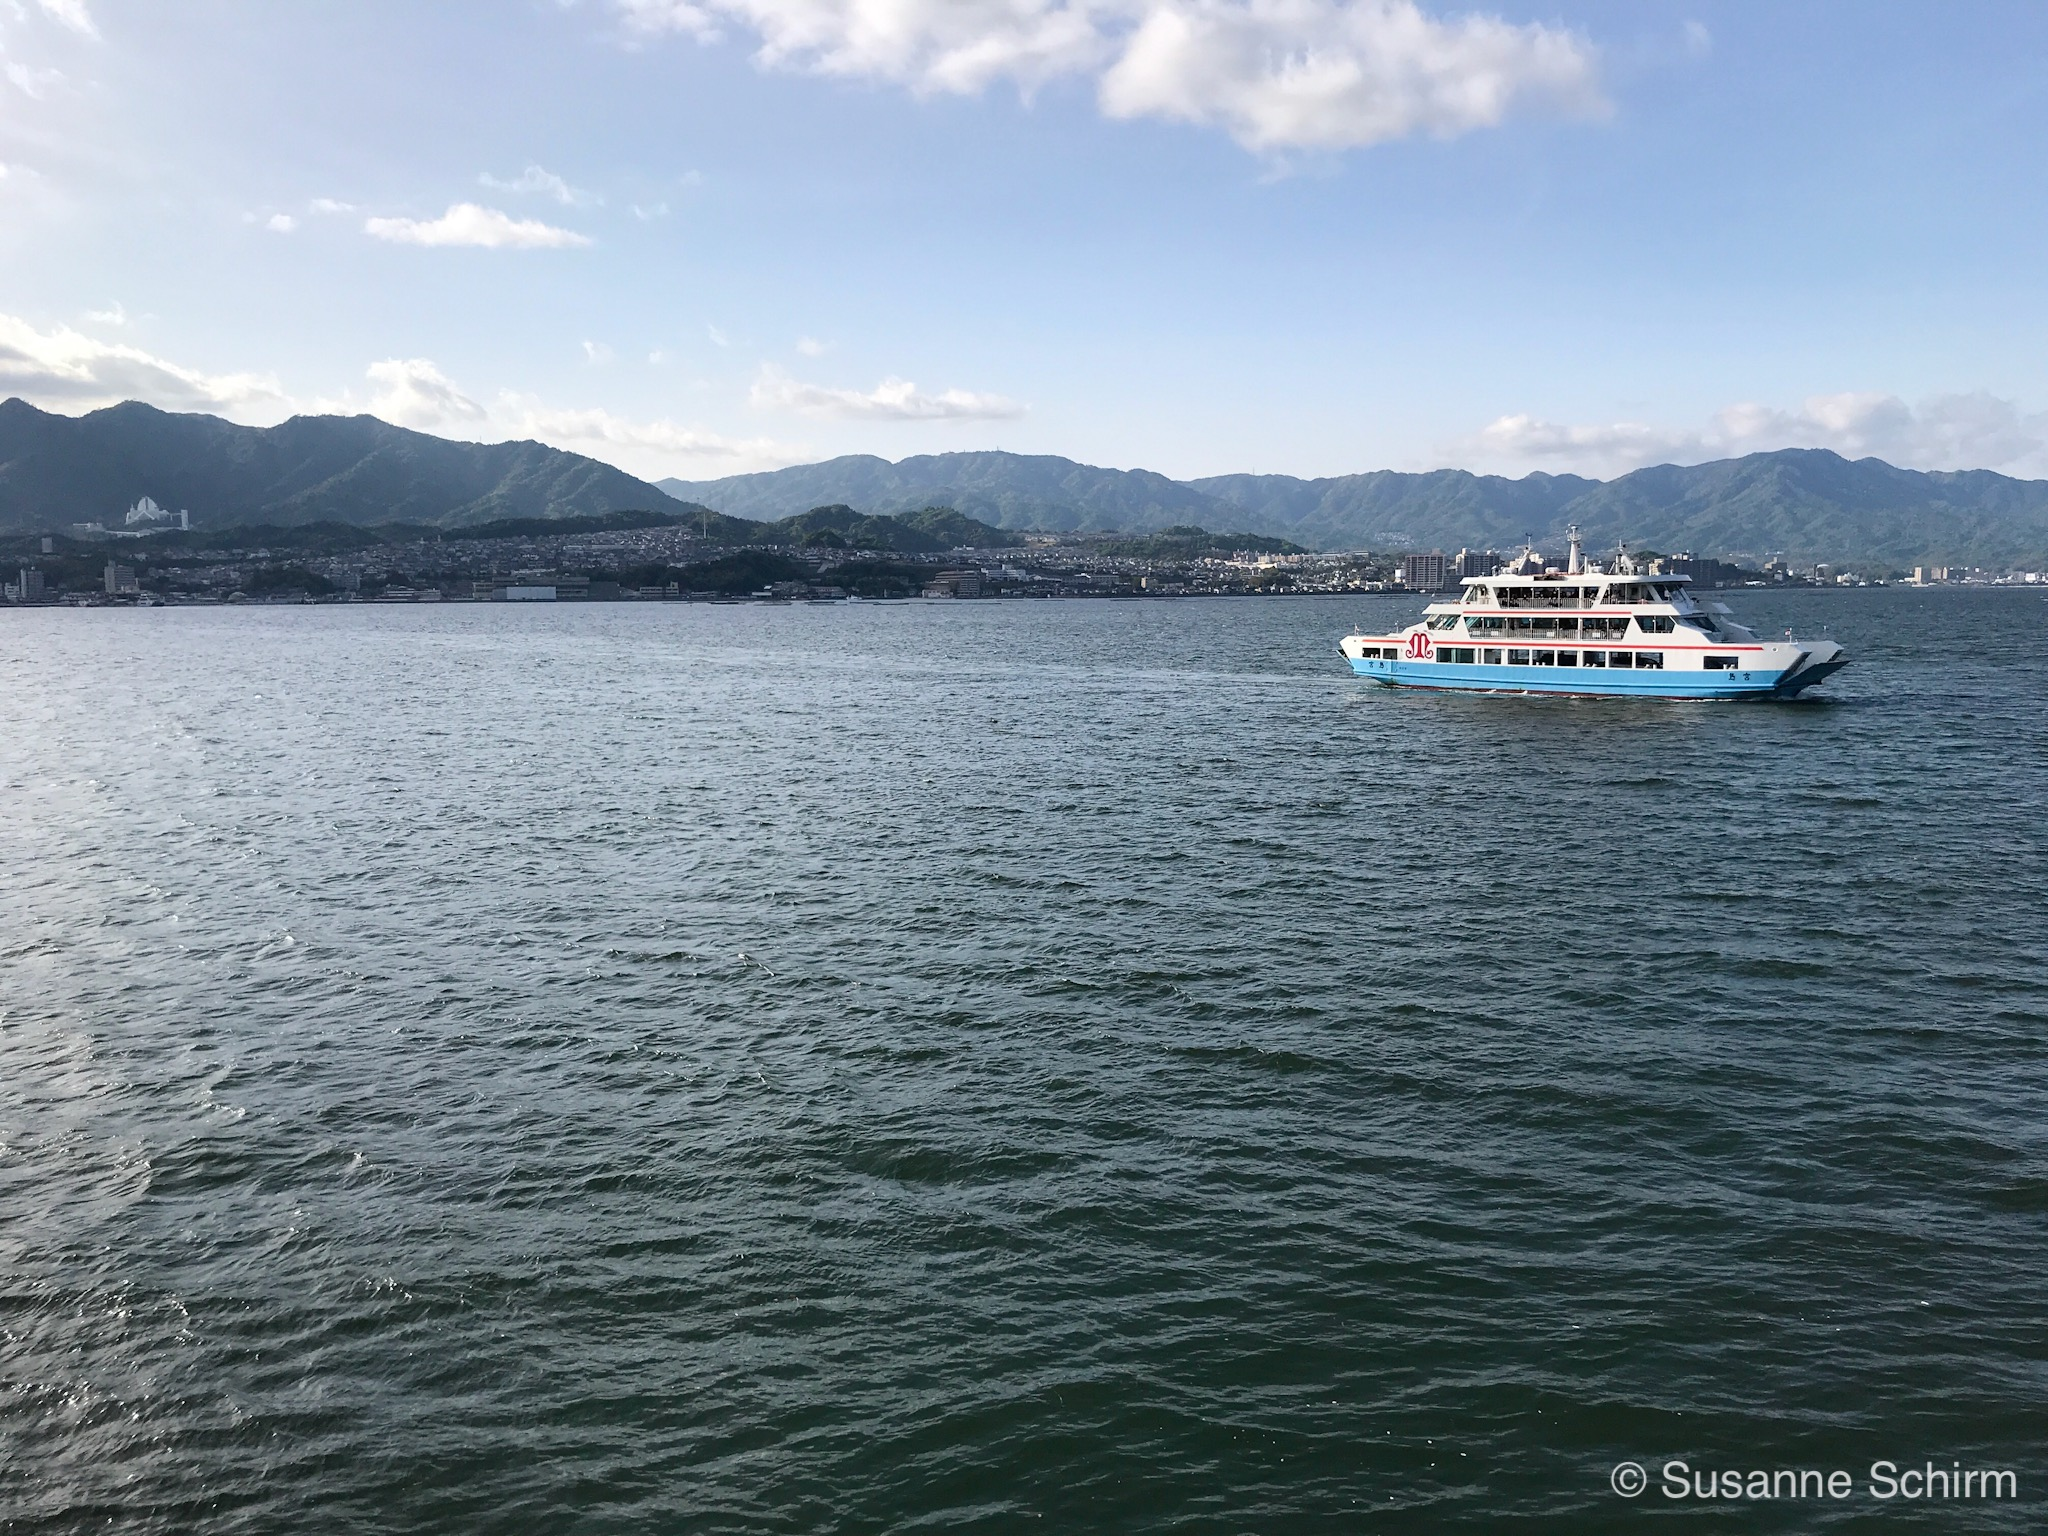 Bild von der Miyajima Fähre